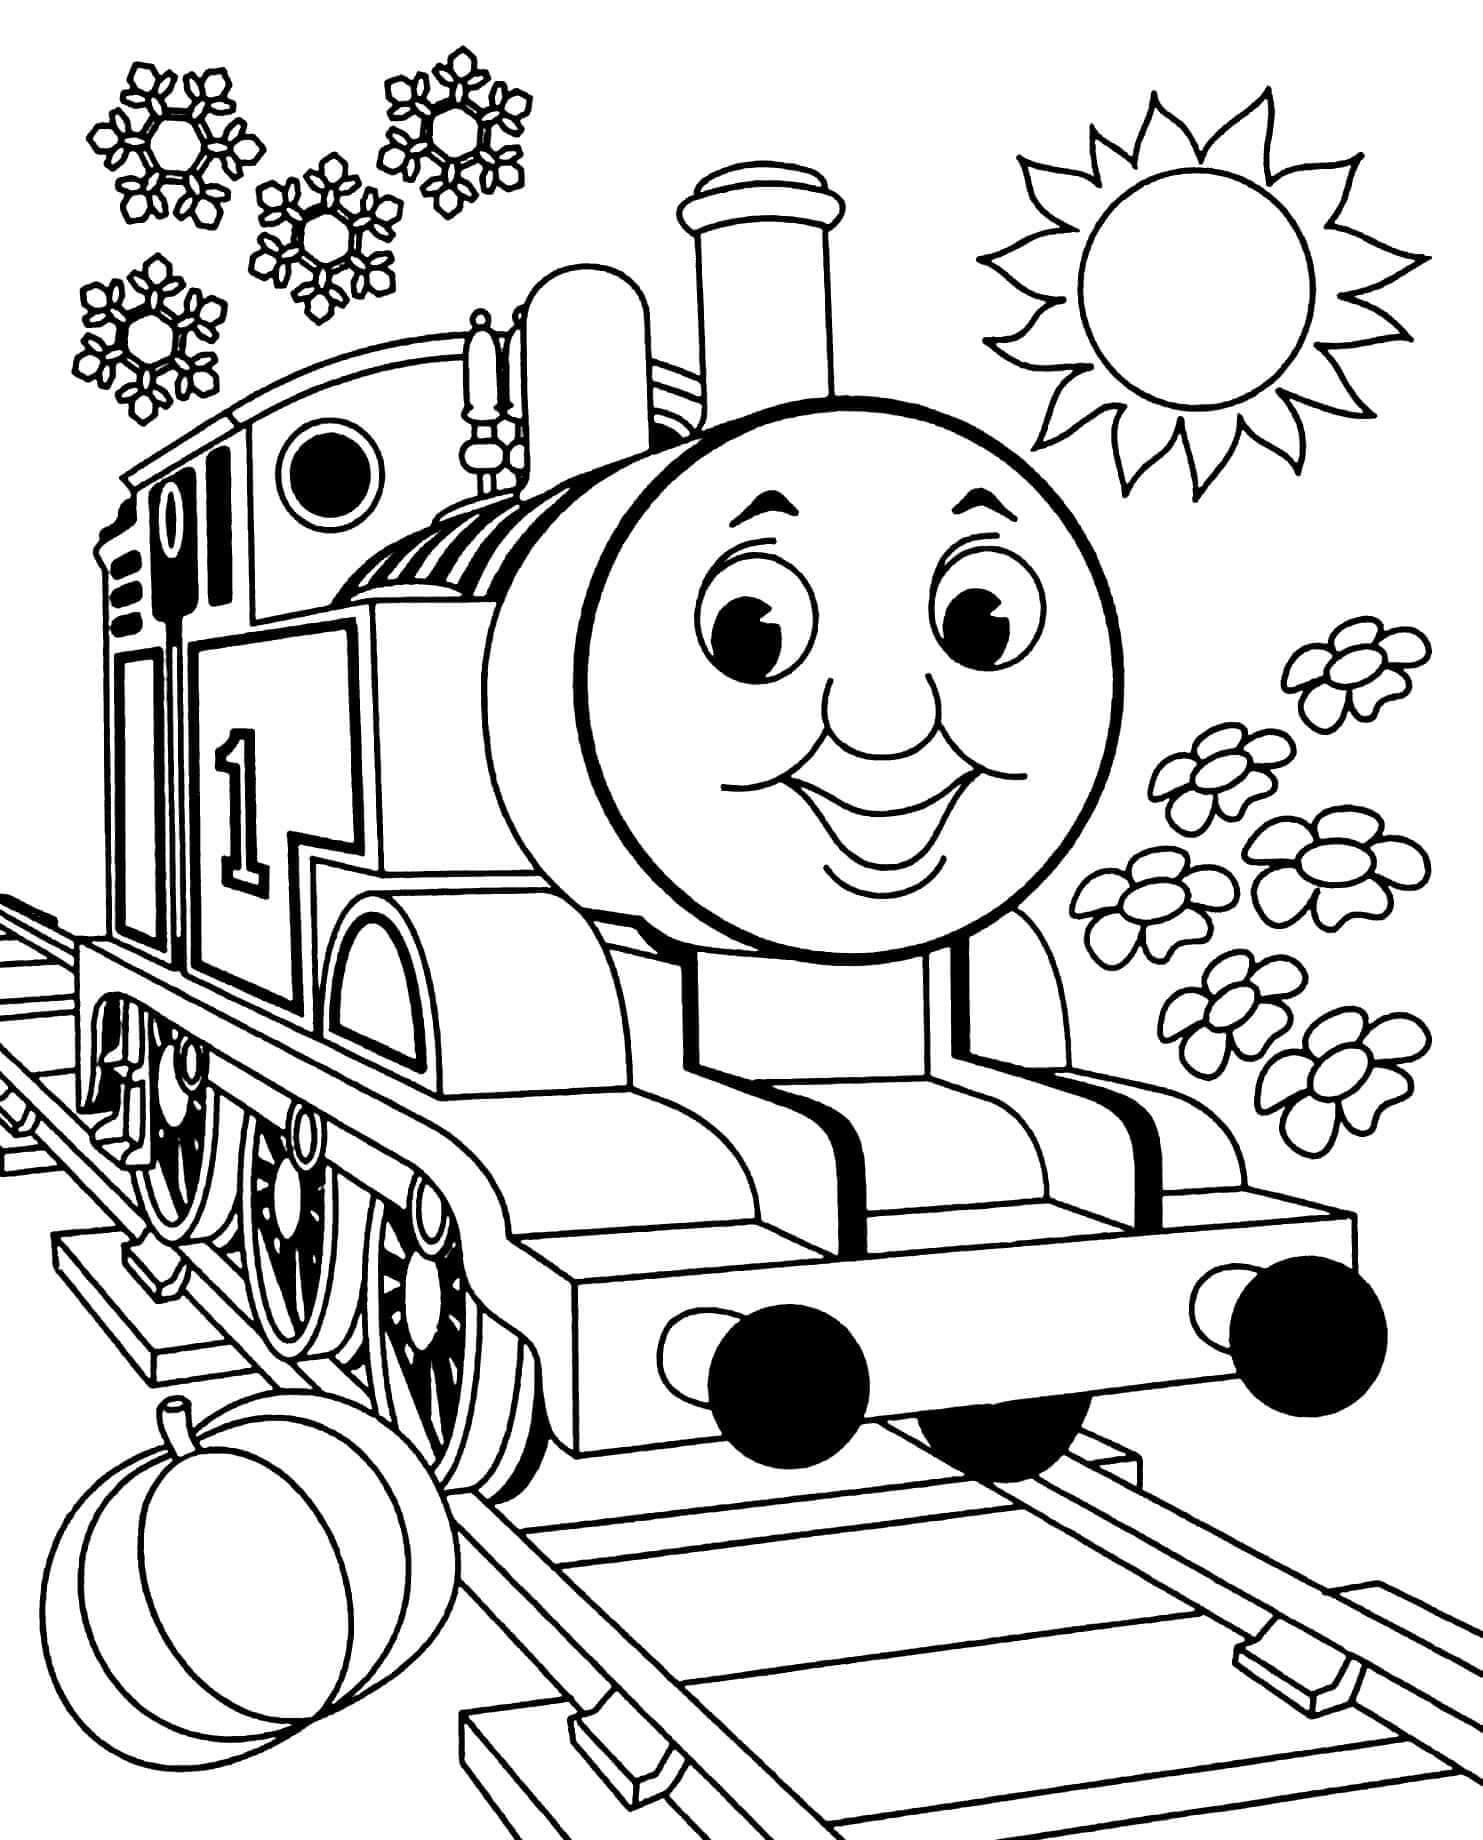 Раскраска Томас и его друзья